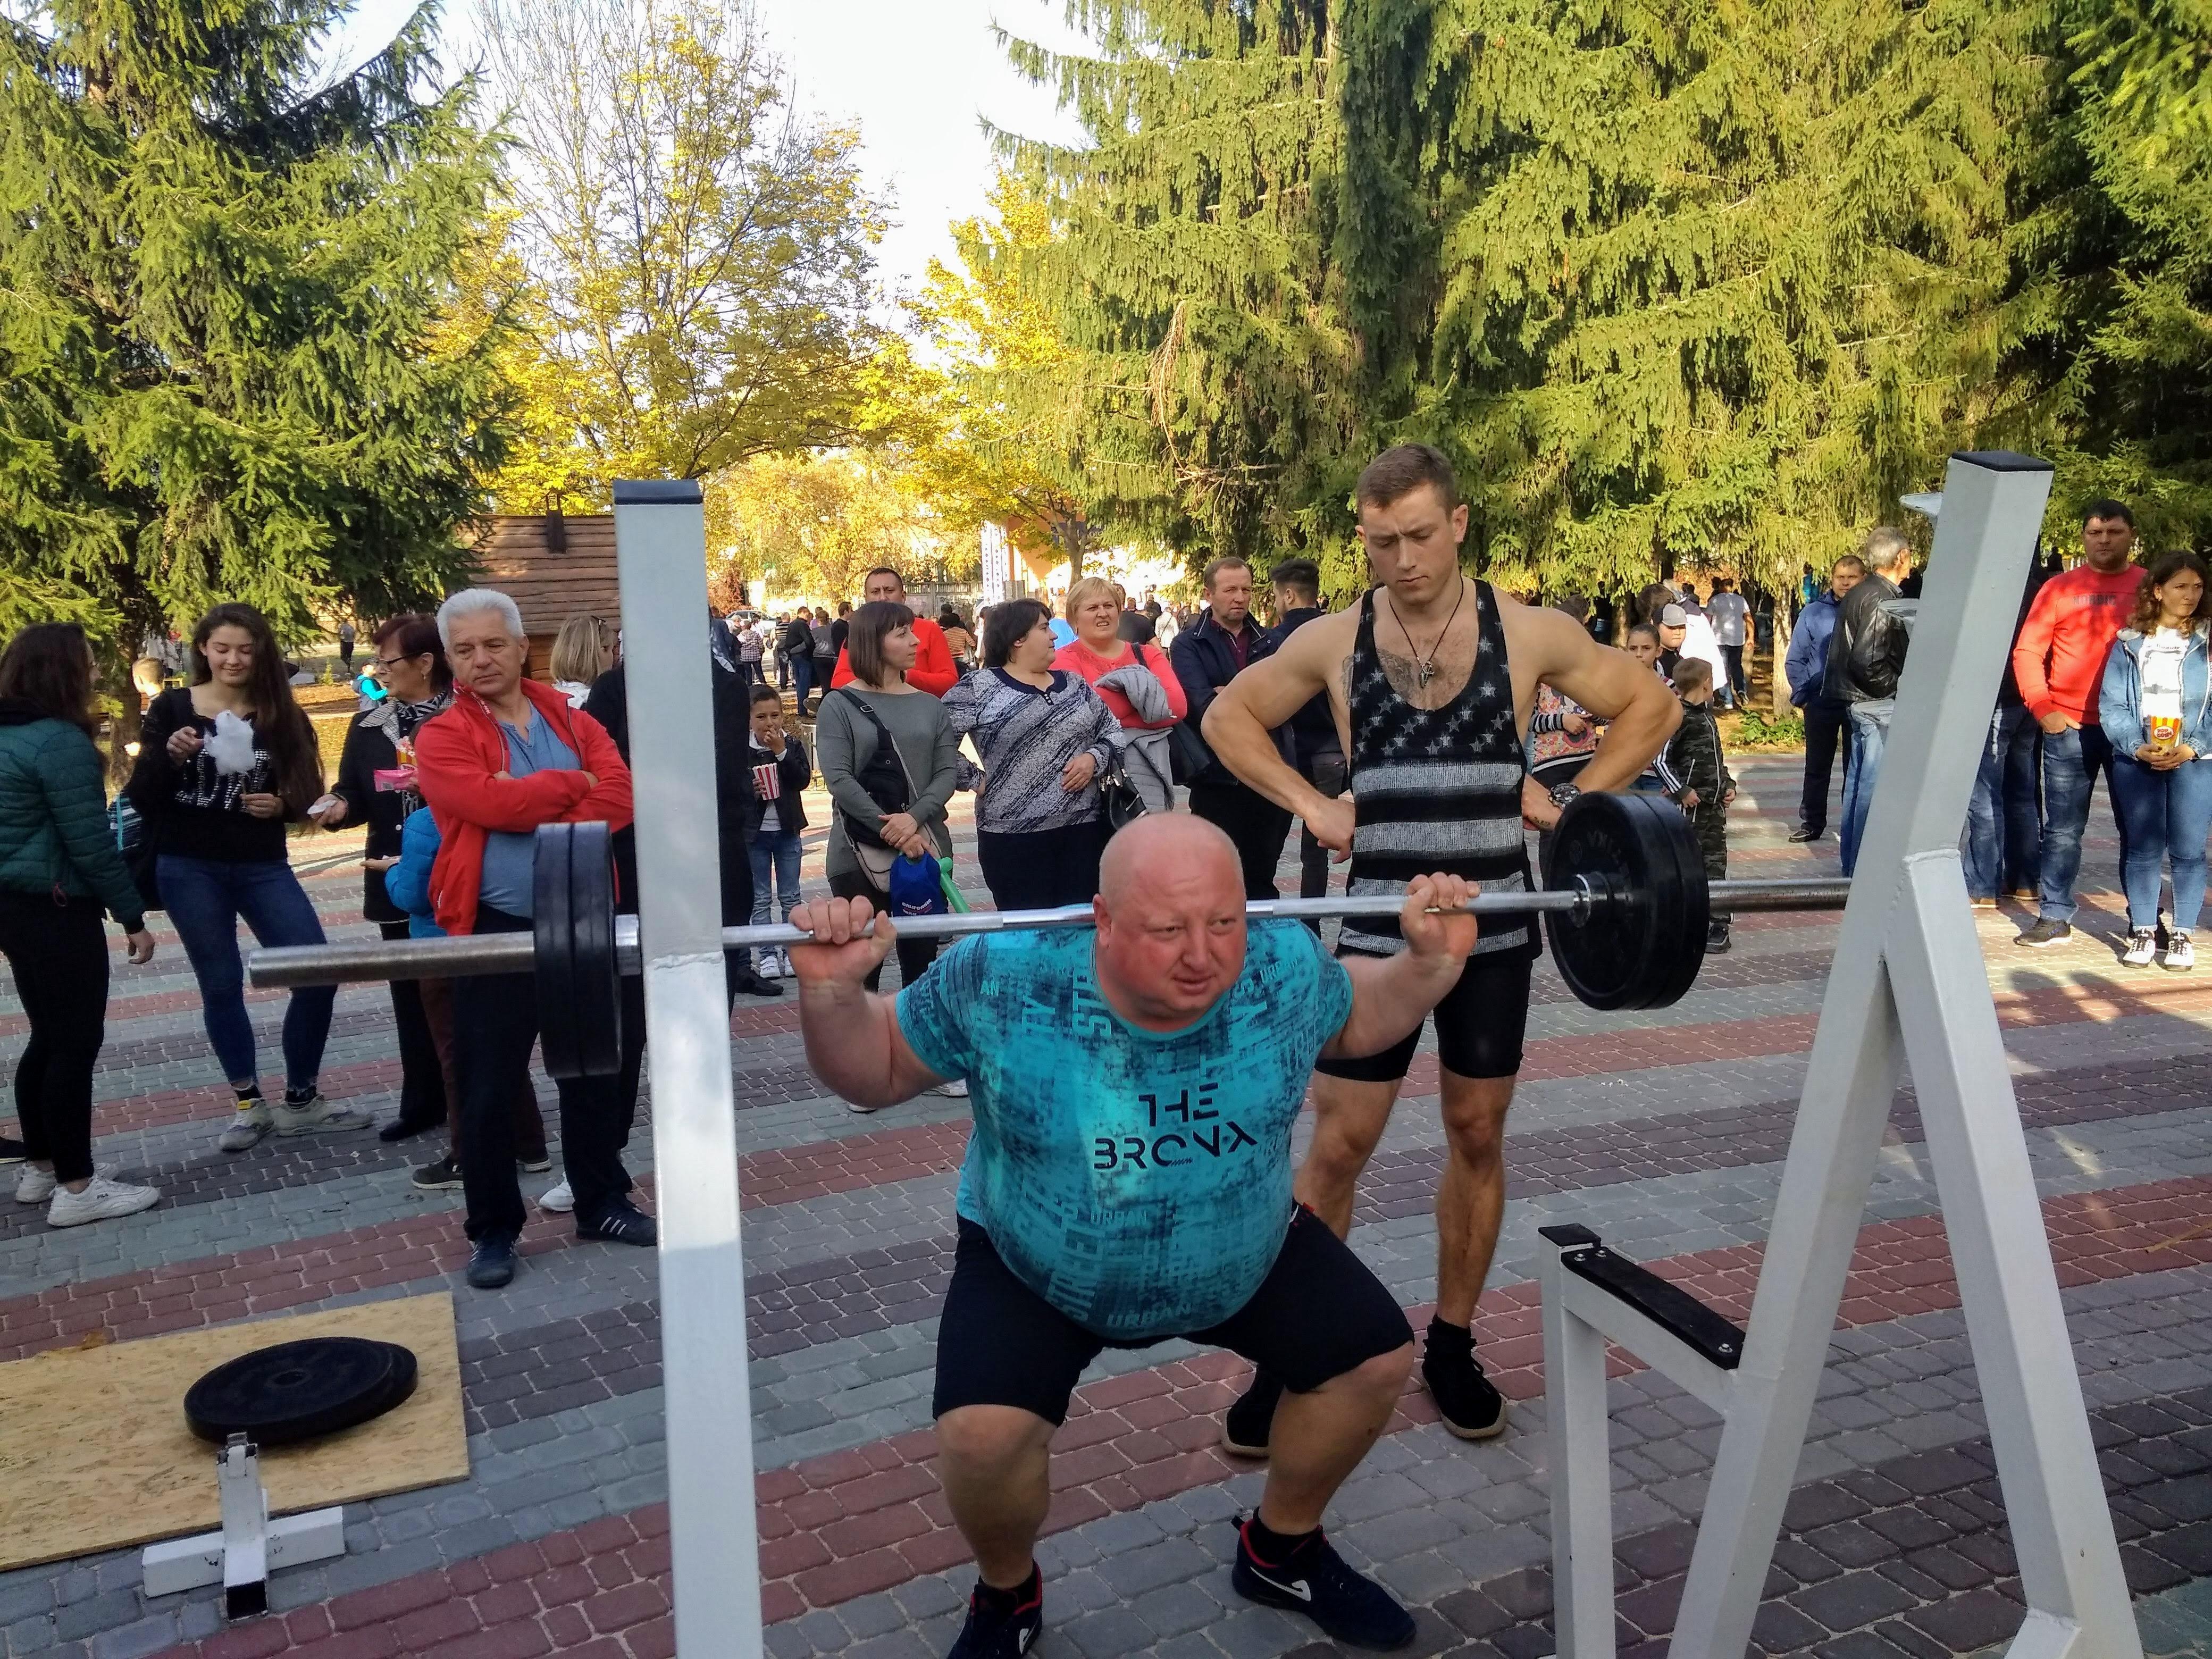 Міць, витривалість і неочікувані результати – змагання з пауерліфтингу і кросфіту відбулись у Хмільнику